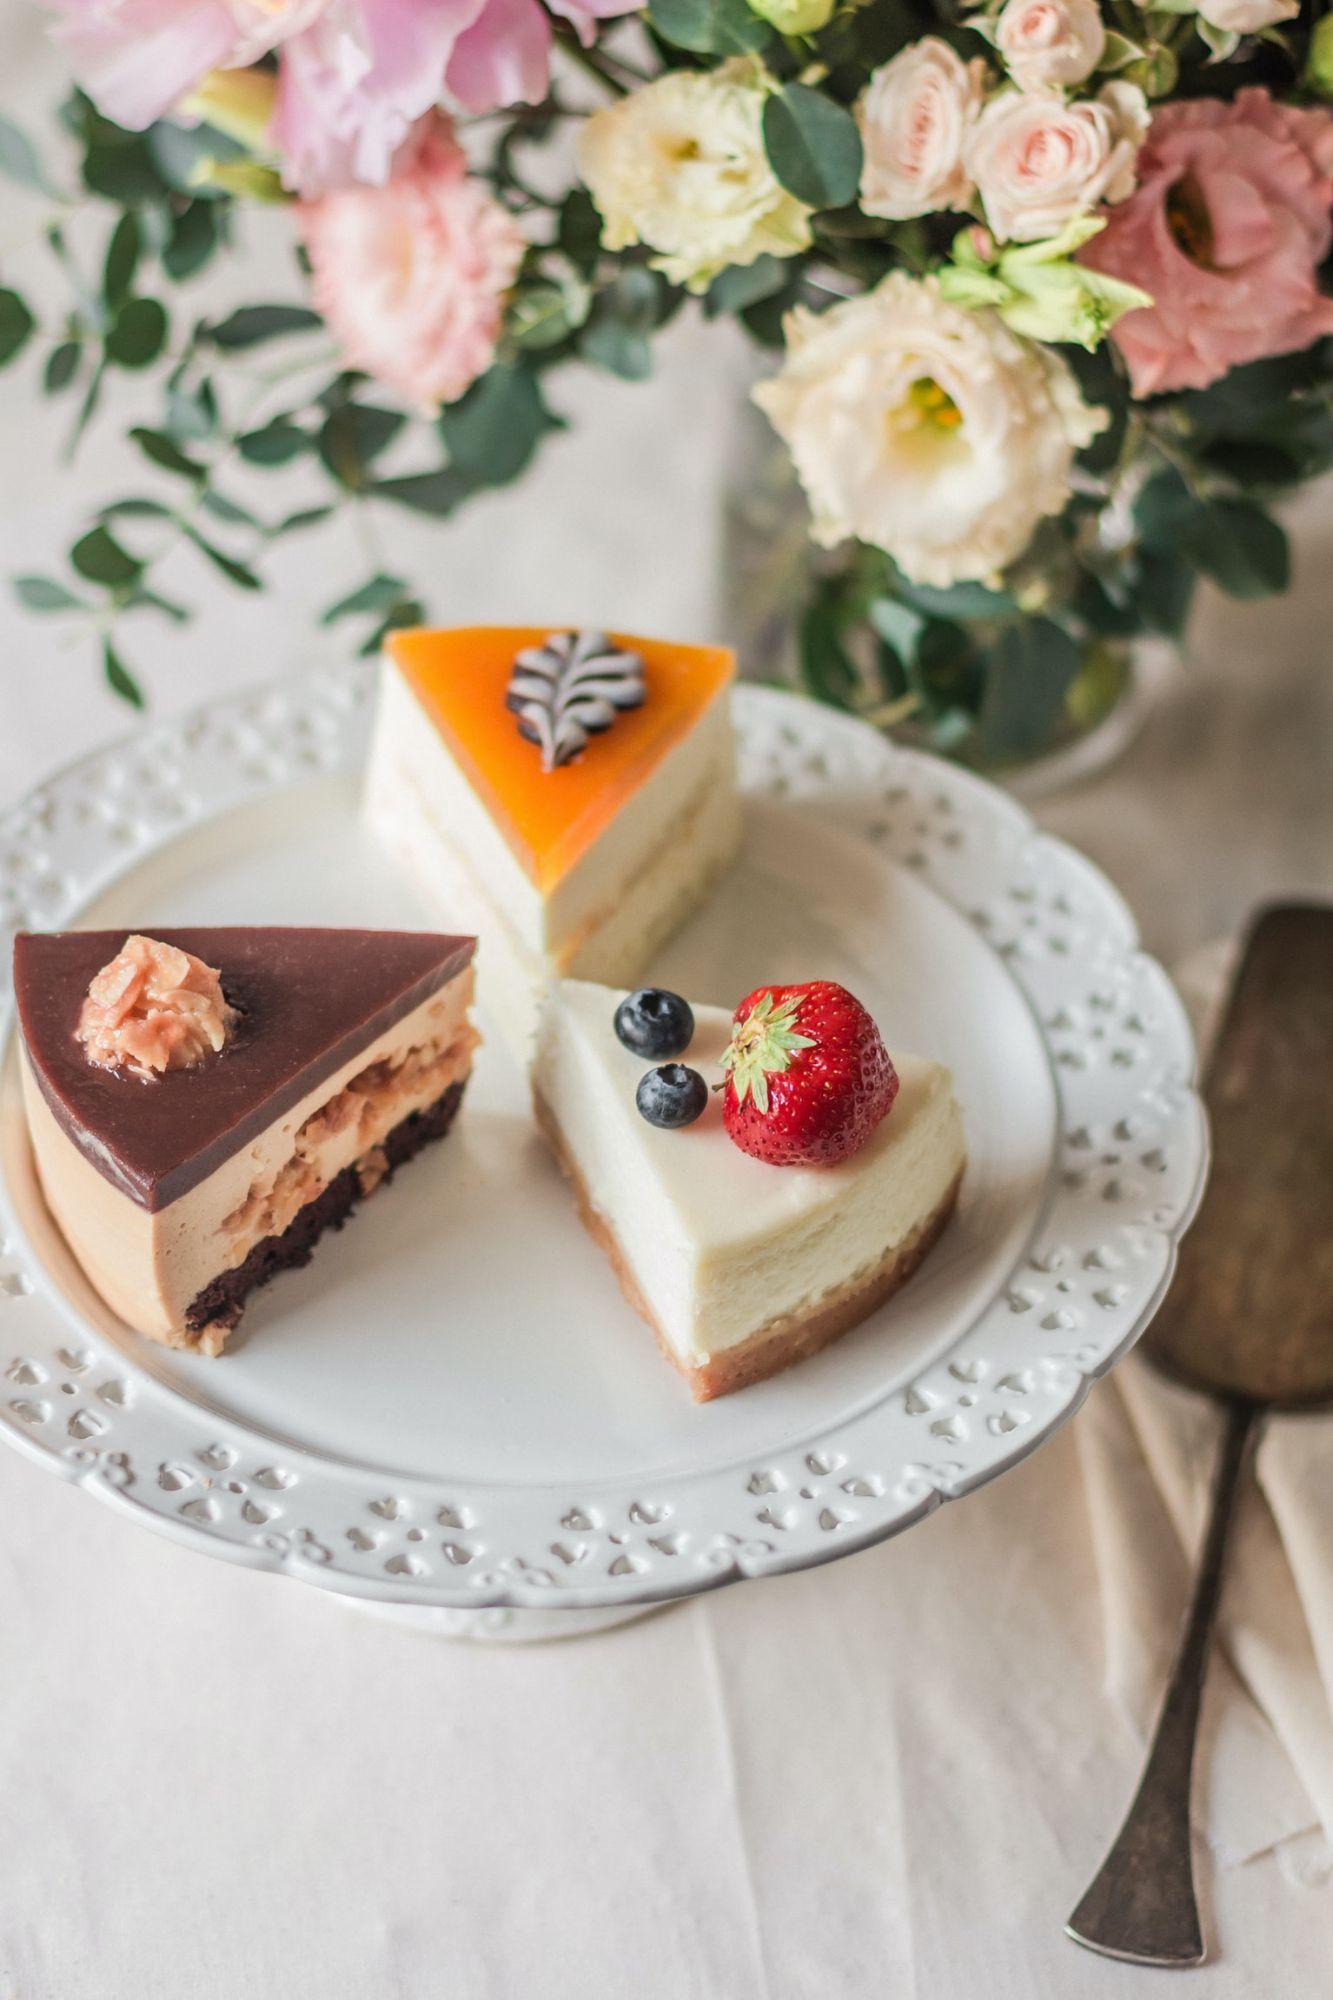 Top Tips for Delicious No Bake Cheesecakes